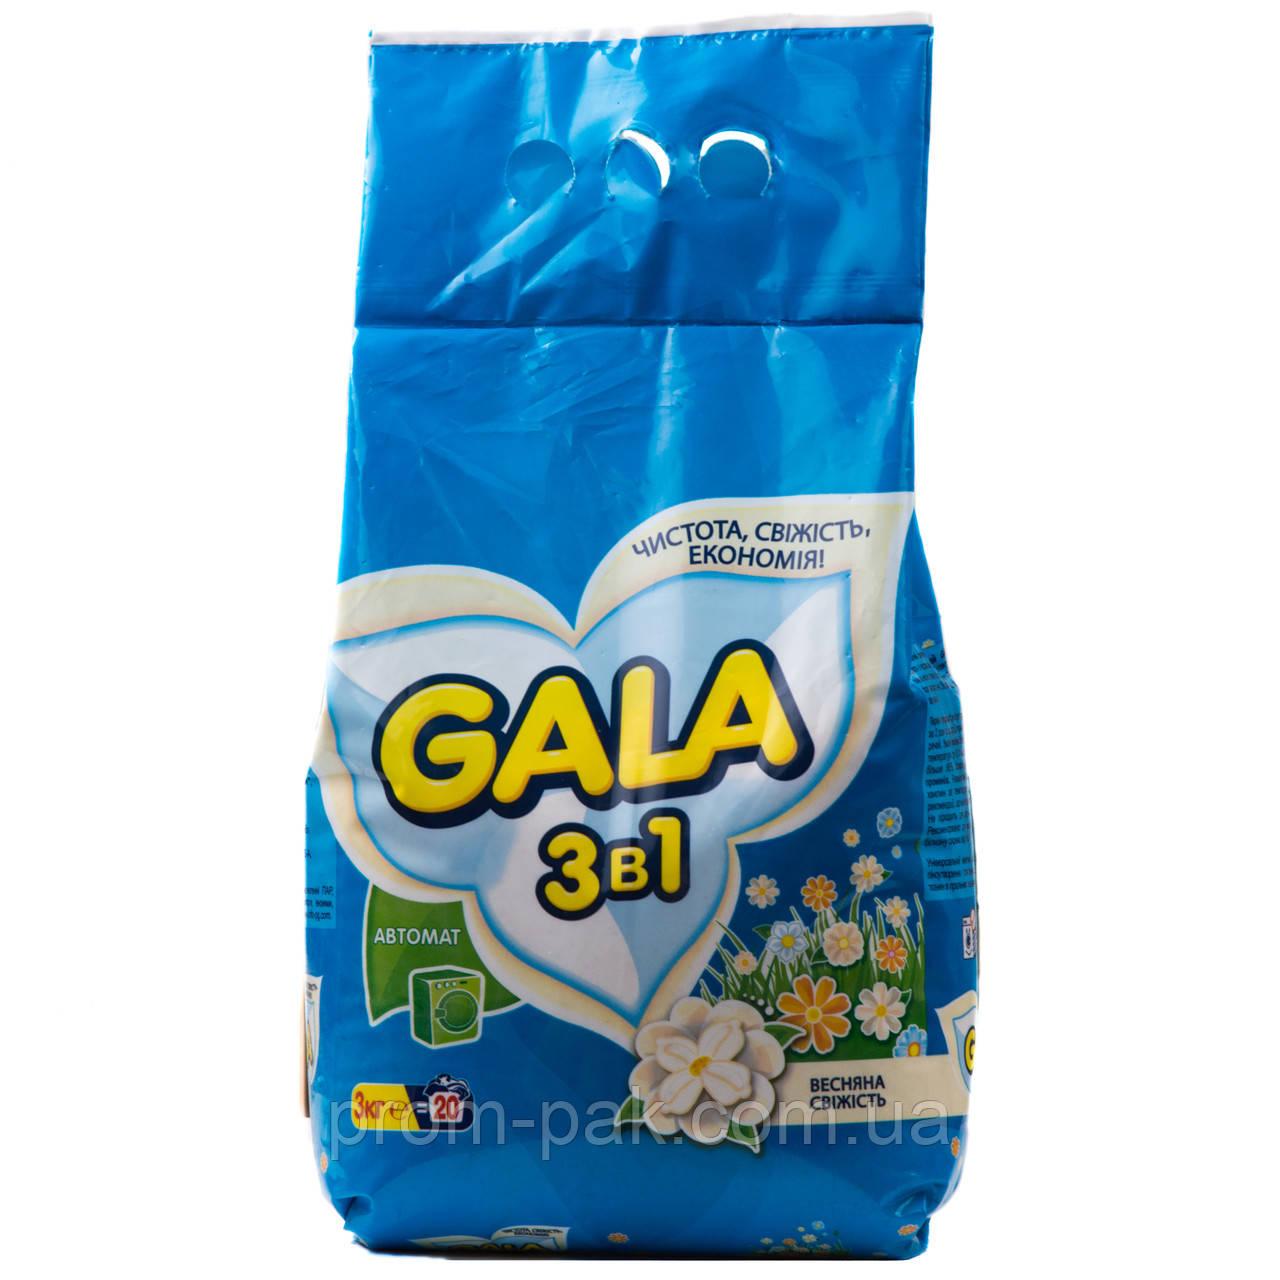 Gala пральний порош авт 4 кг для кольорових речей Морська свіжість